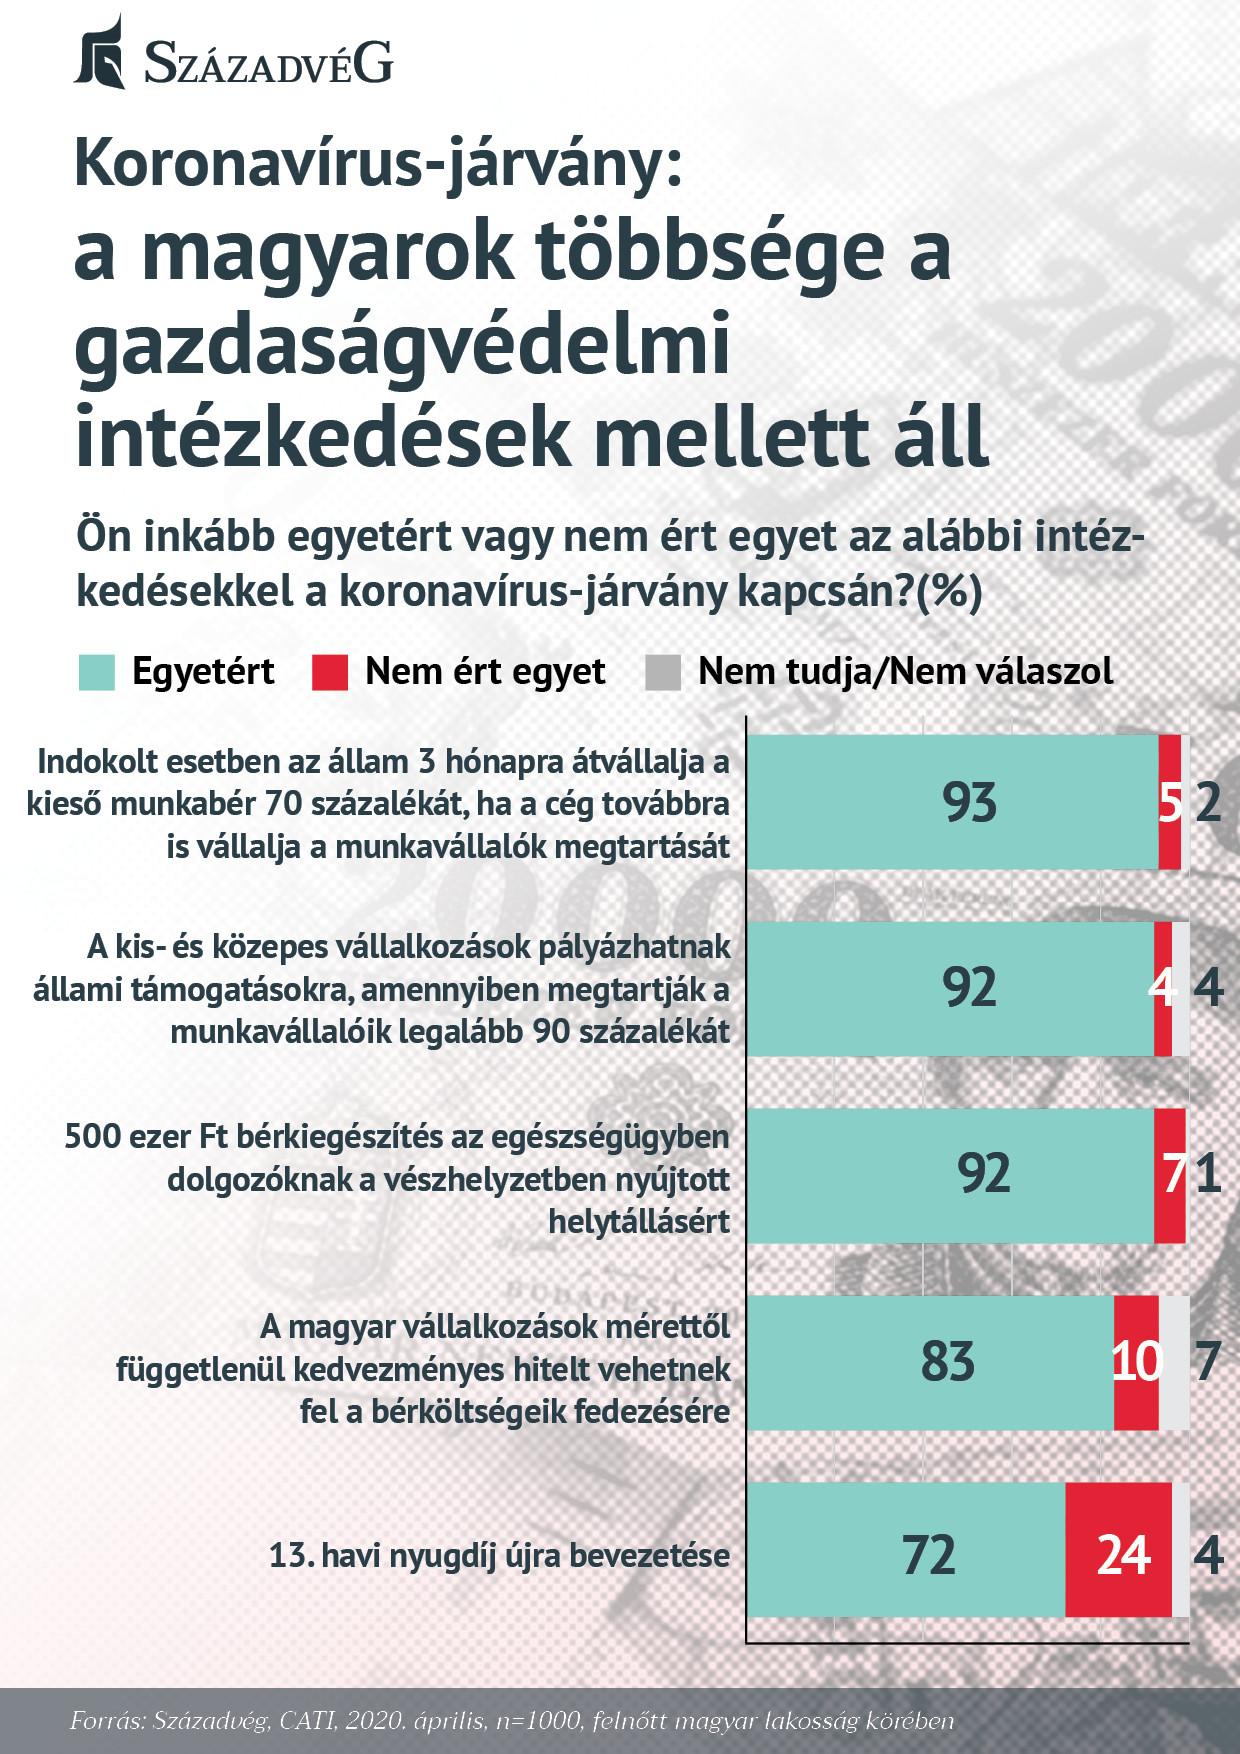 A magyarok többsége a gazdaságvédelmi intézkedések mellett áll